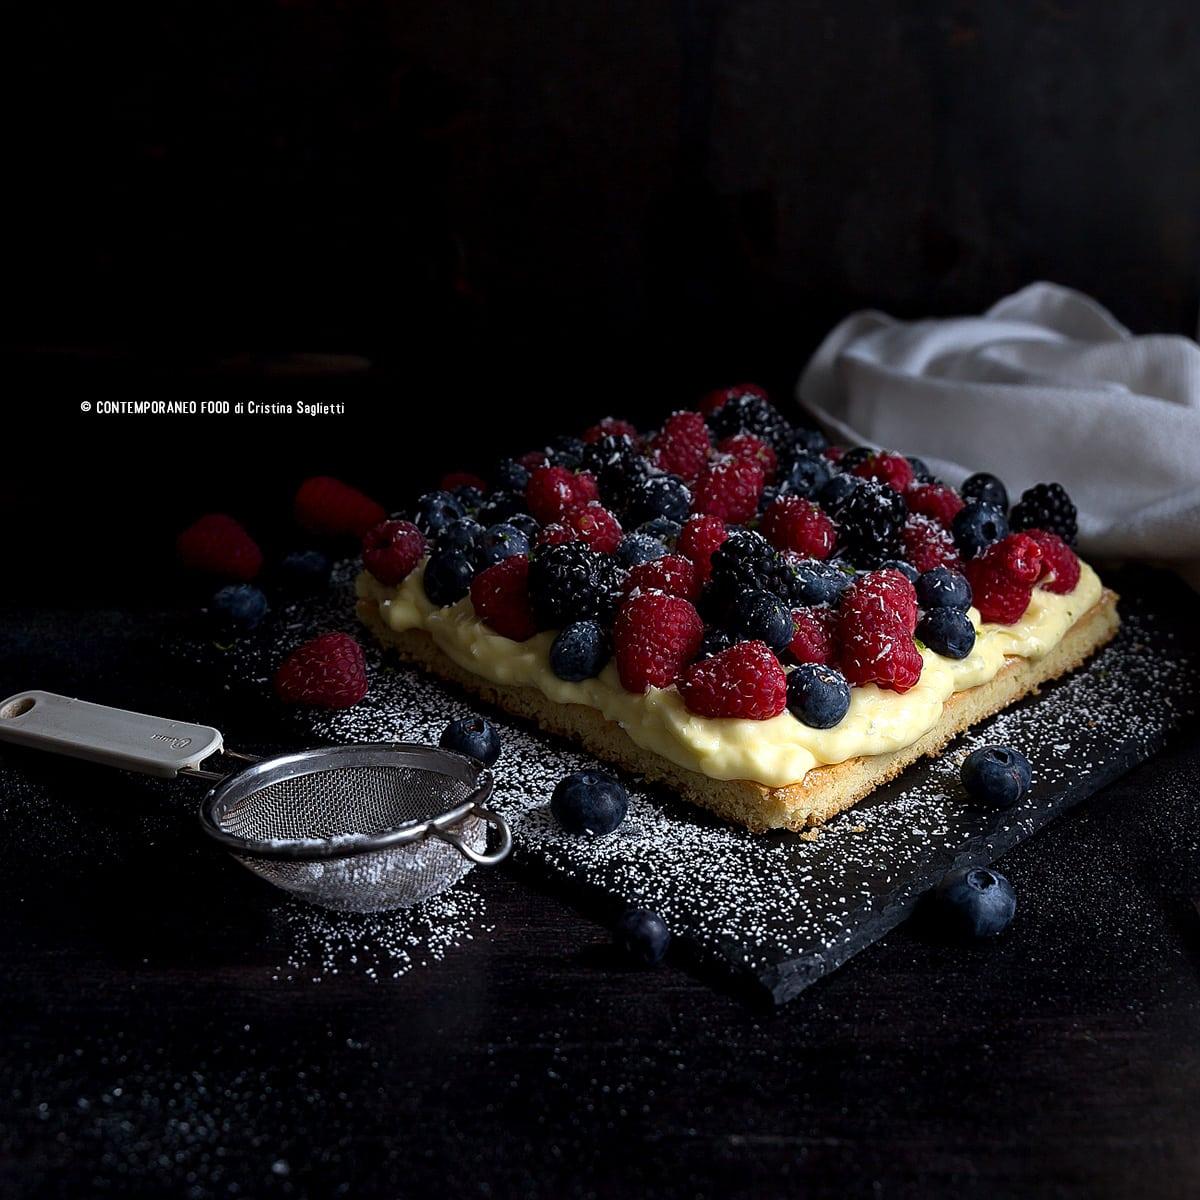 crostata-frolla-bretone-crema-chantilly-frutti-di-bosco-dolce-frutta-ricetta-contemporaneo-food